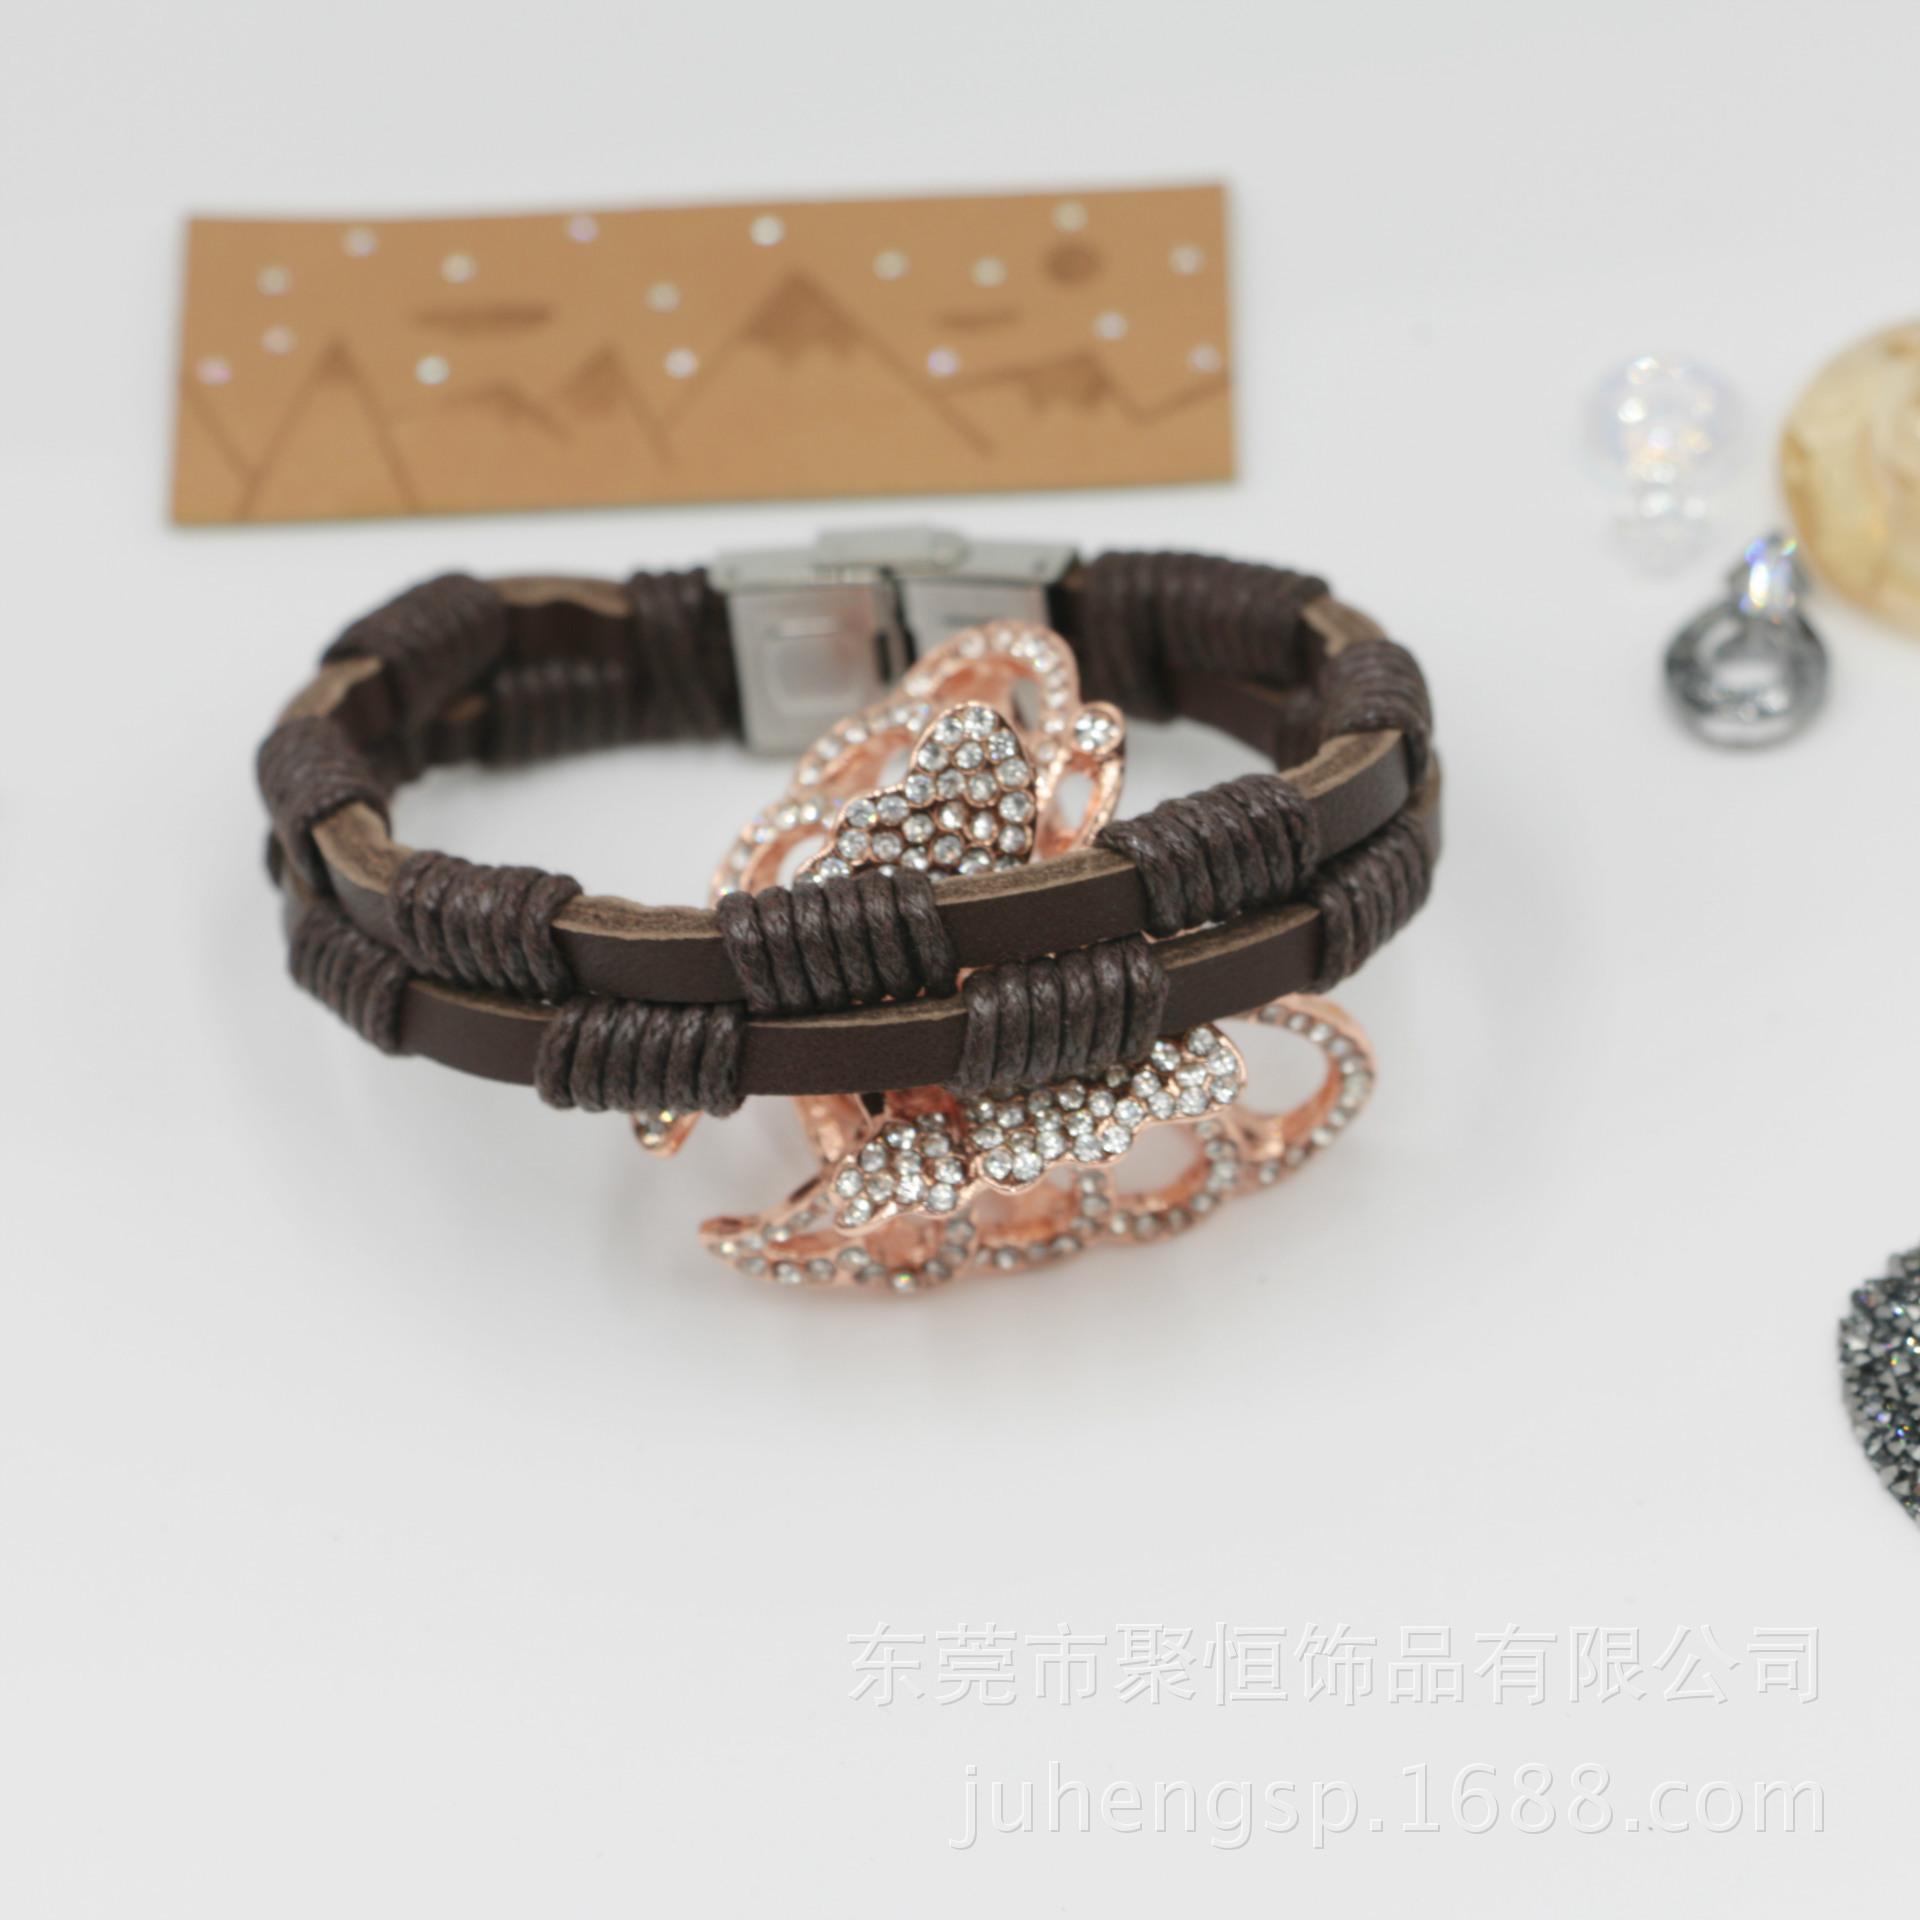 简约时尚编织皮绳手链真皮手链批发代客加工